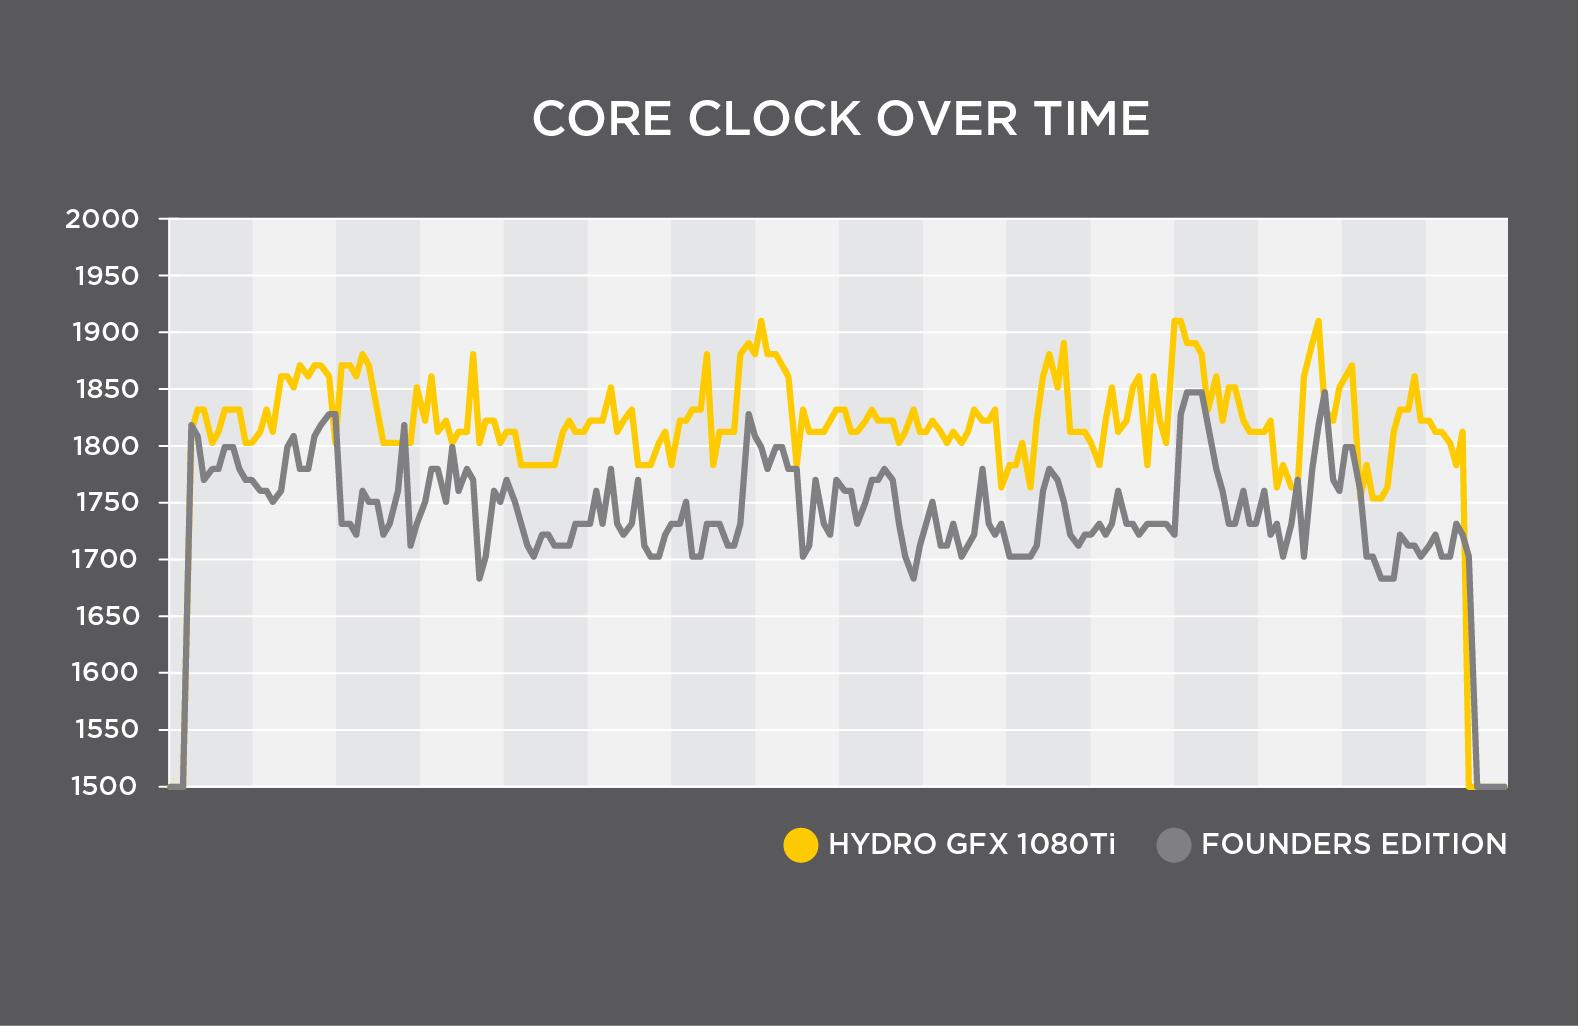 hydro-gfx-1080ti-core-clock-over-time.jpg